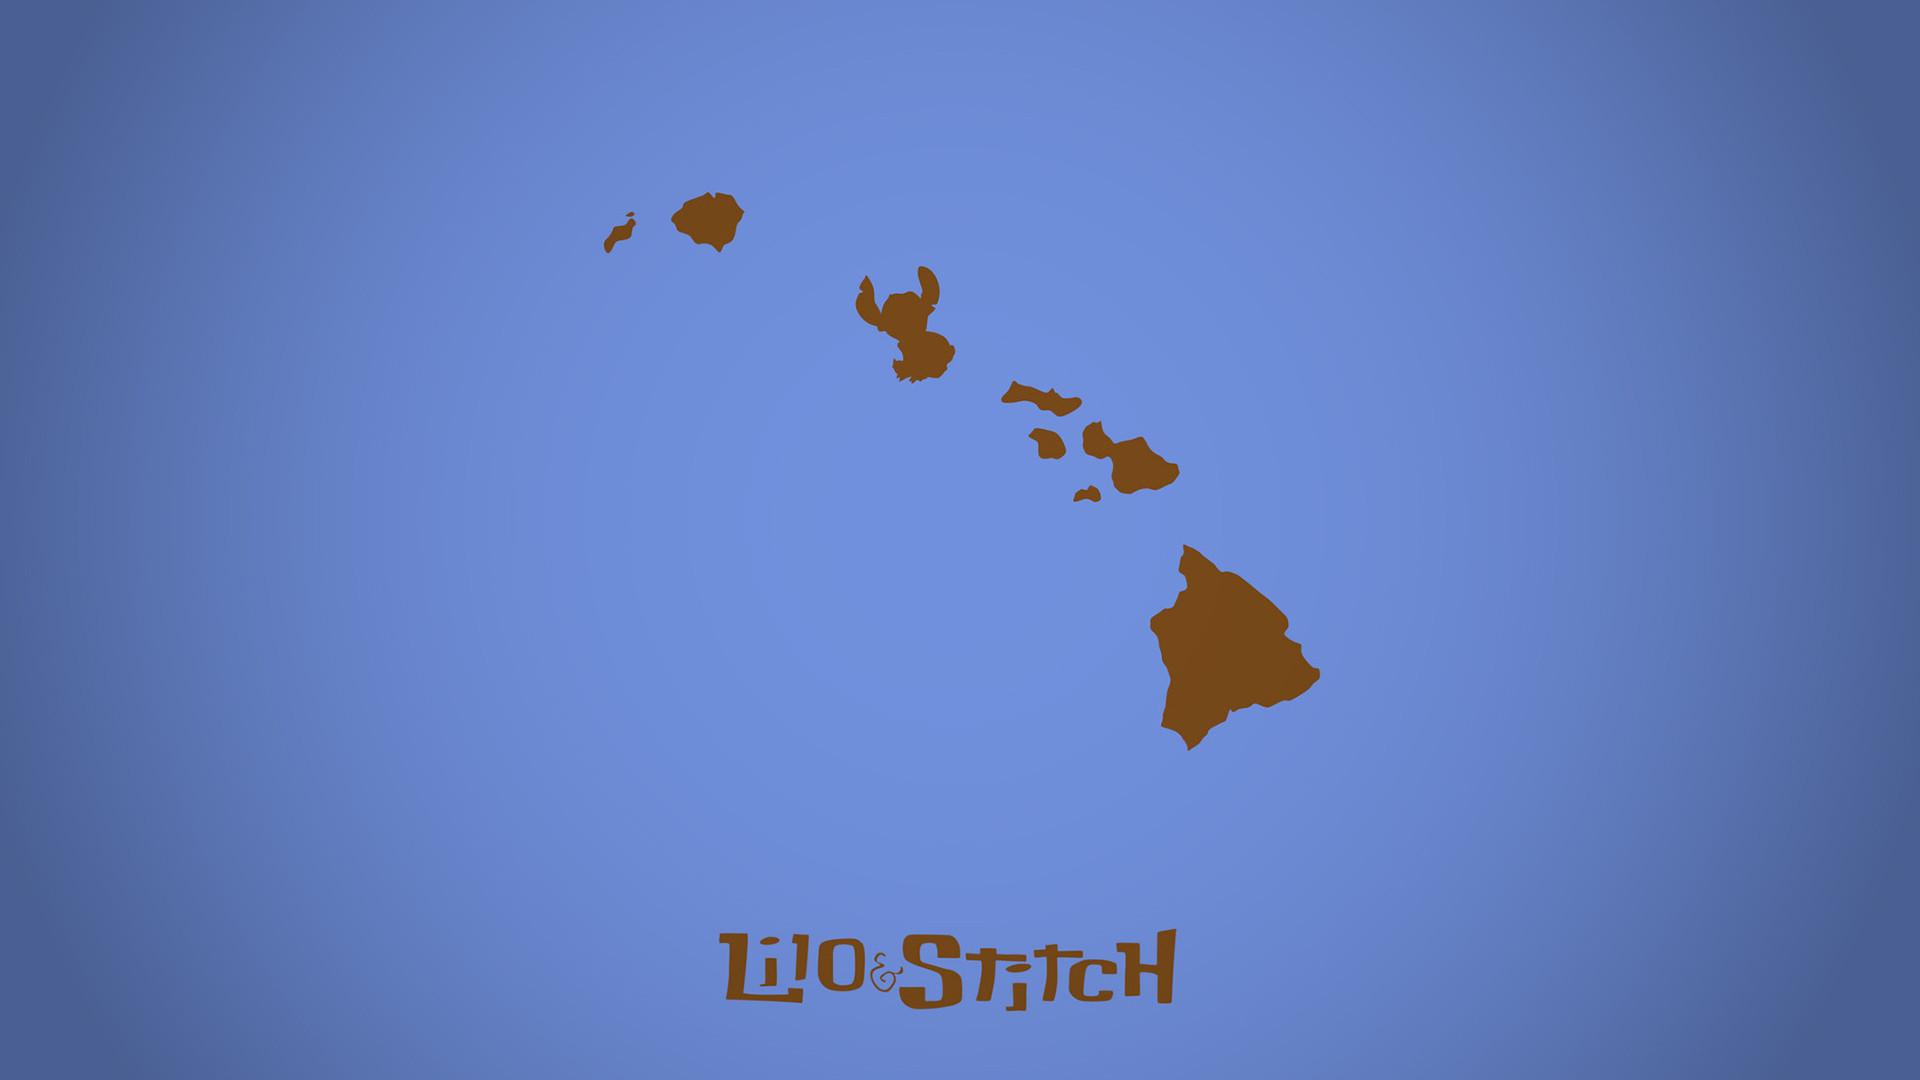 Lilo Stitch HD Wallpaper